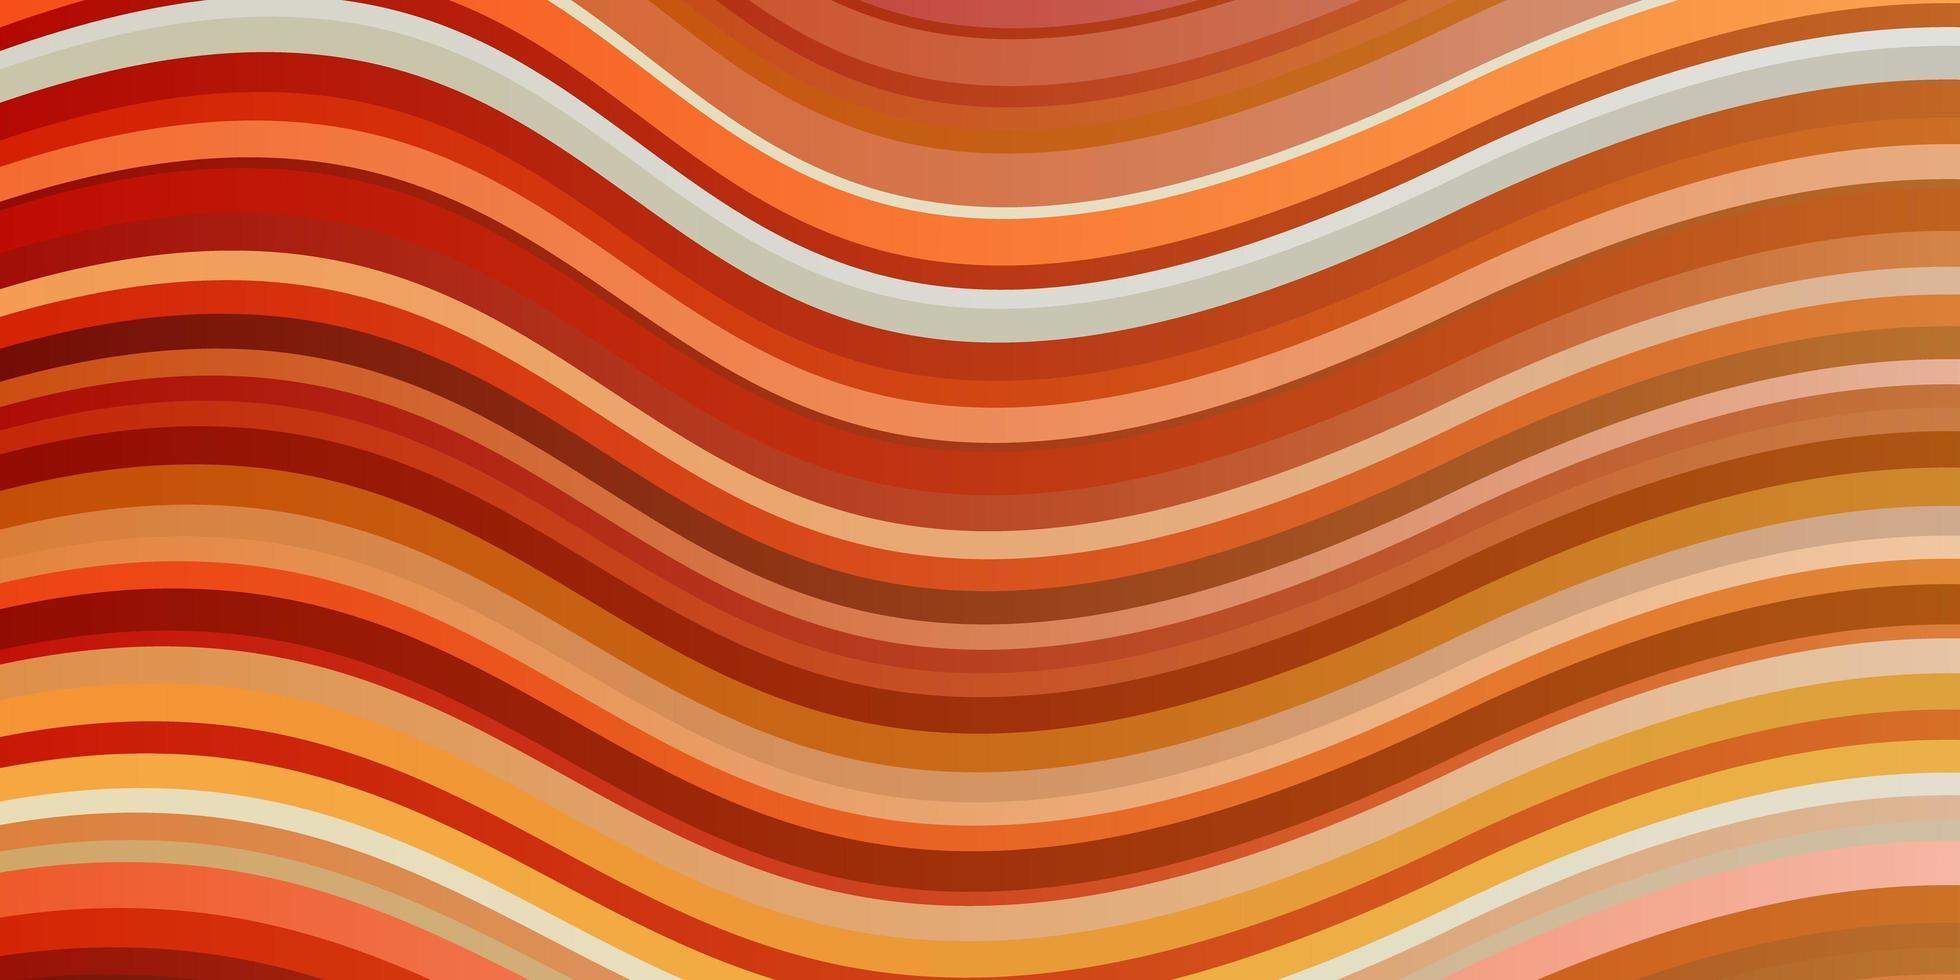 hellorange Vektorschablone mit Linien. vektor